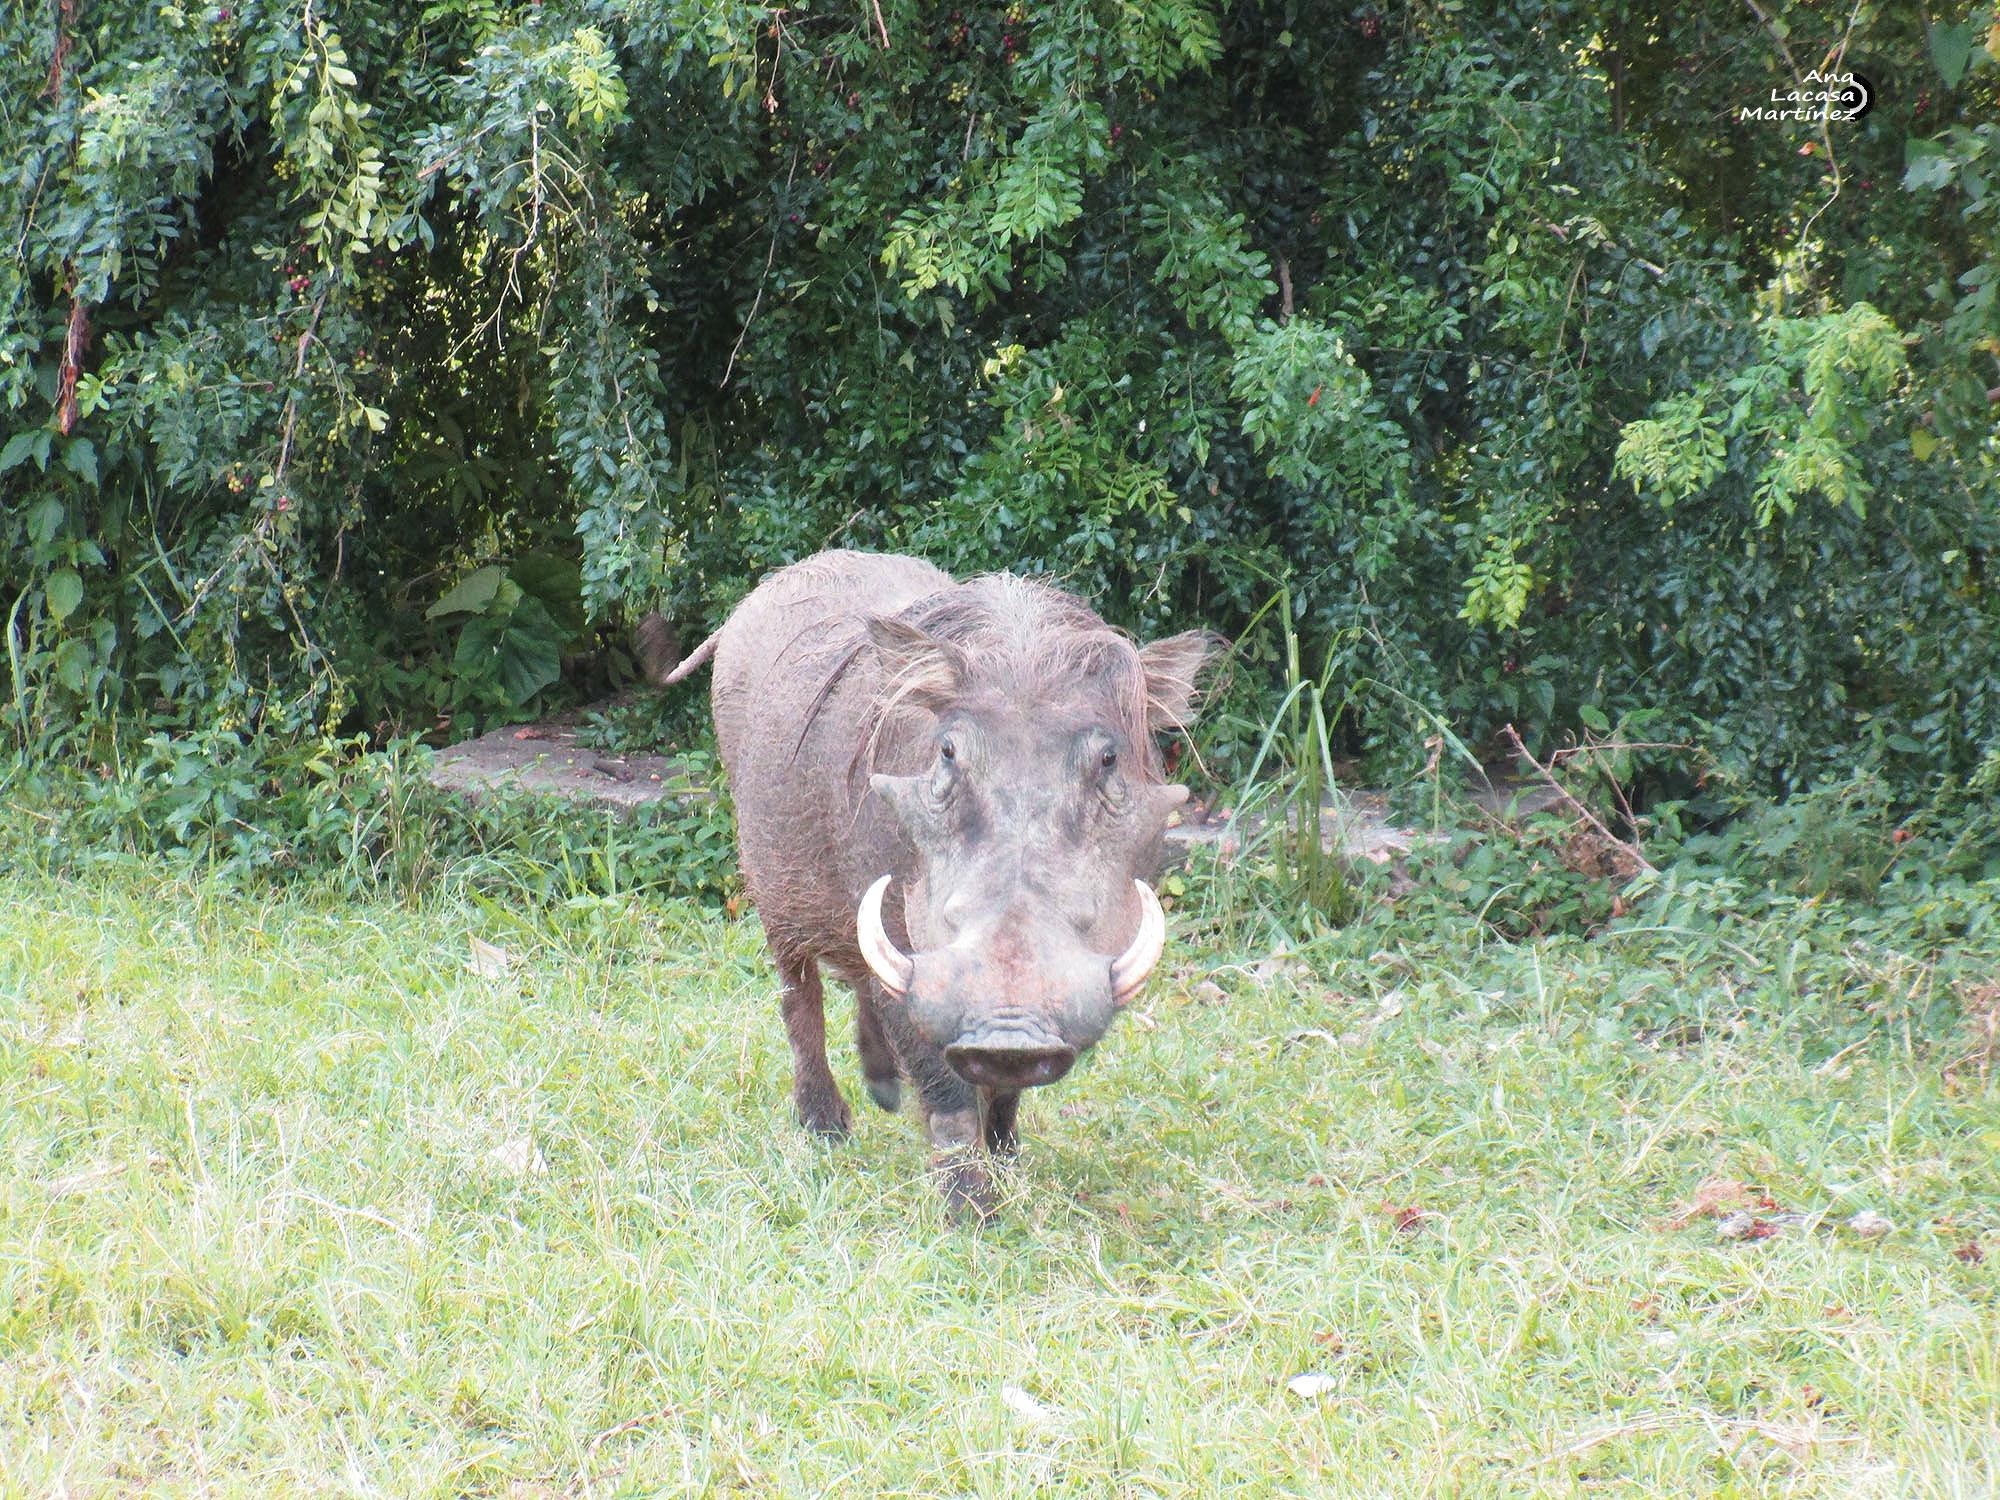 Un jabalí africano que nos miró de frente